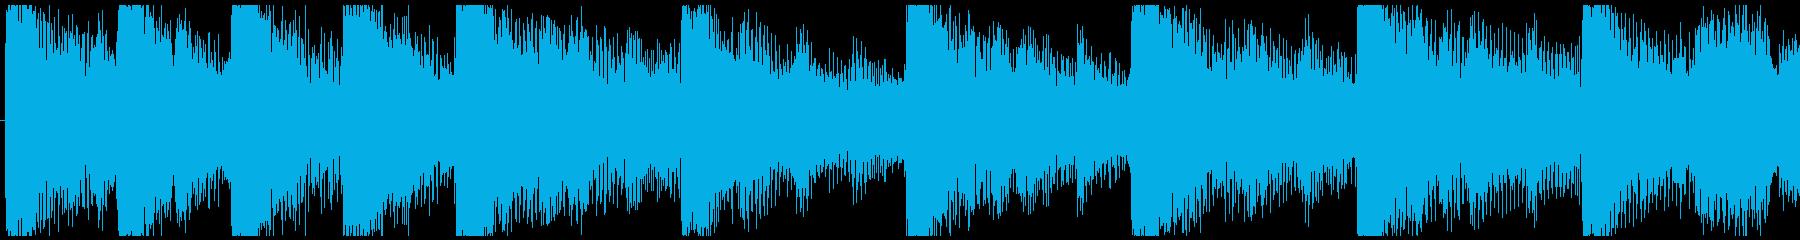 ハローウィン用のホラー曲-ループ3の再生済みの波形